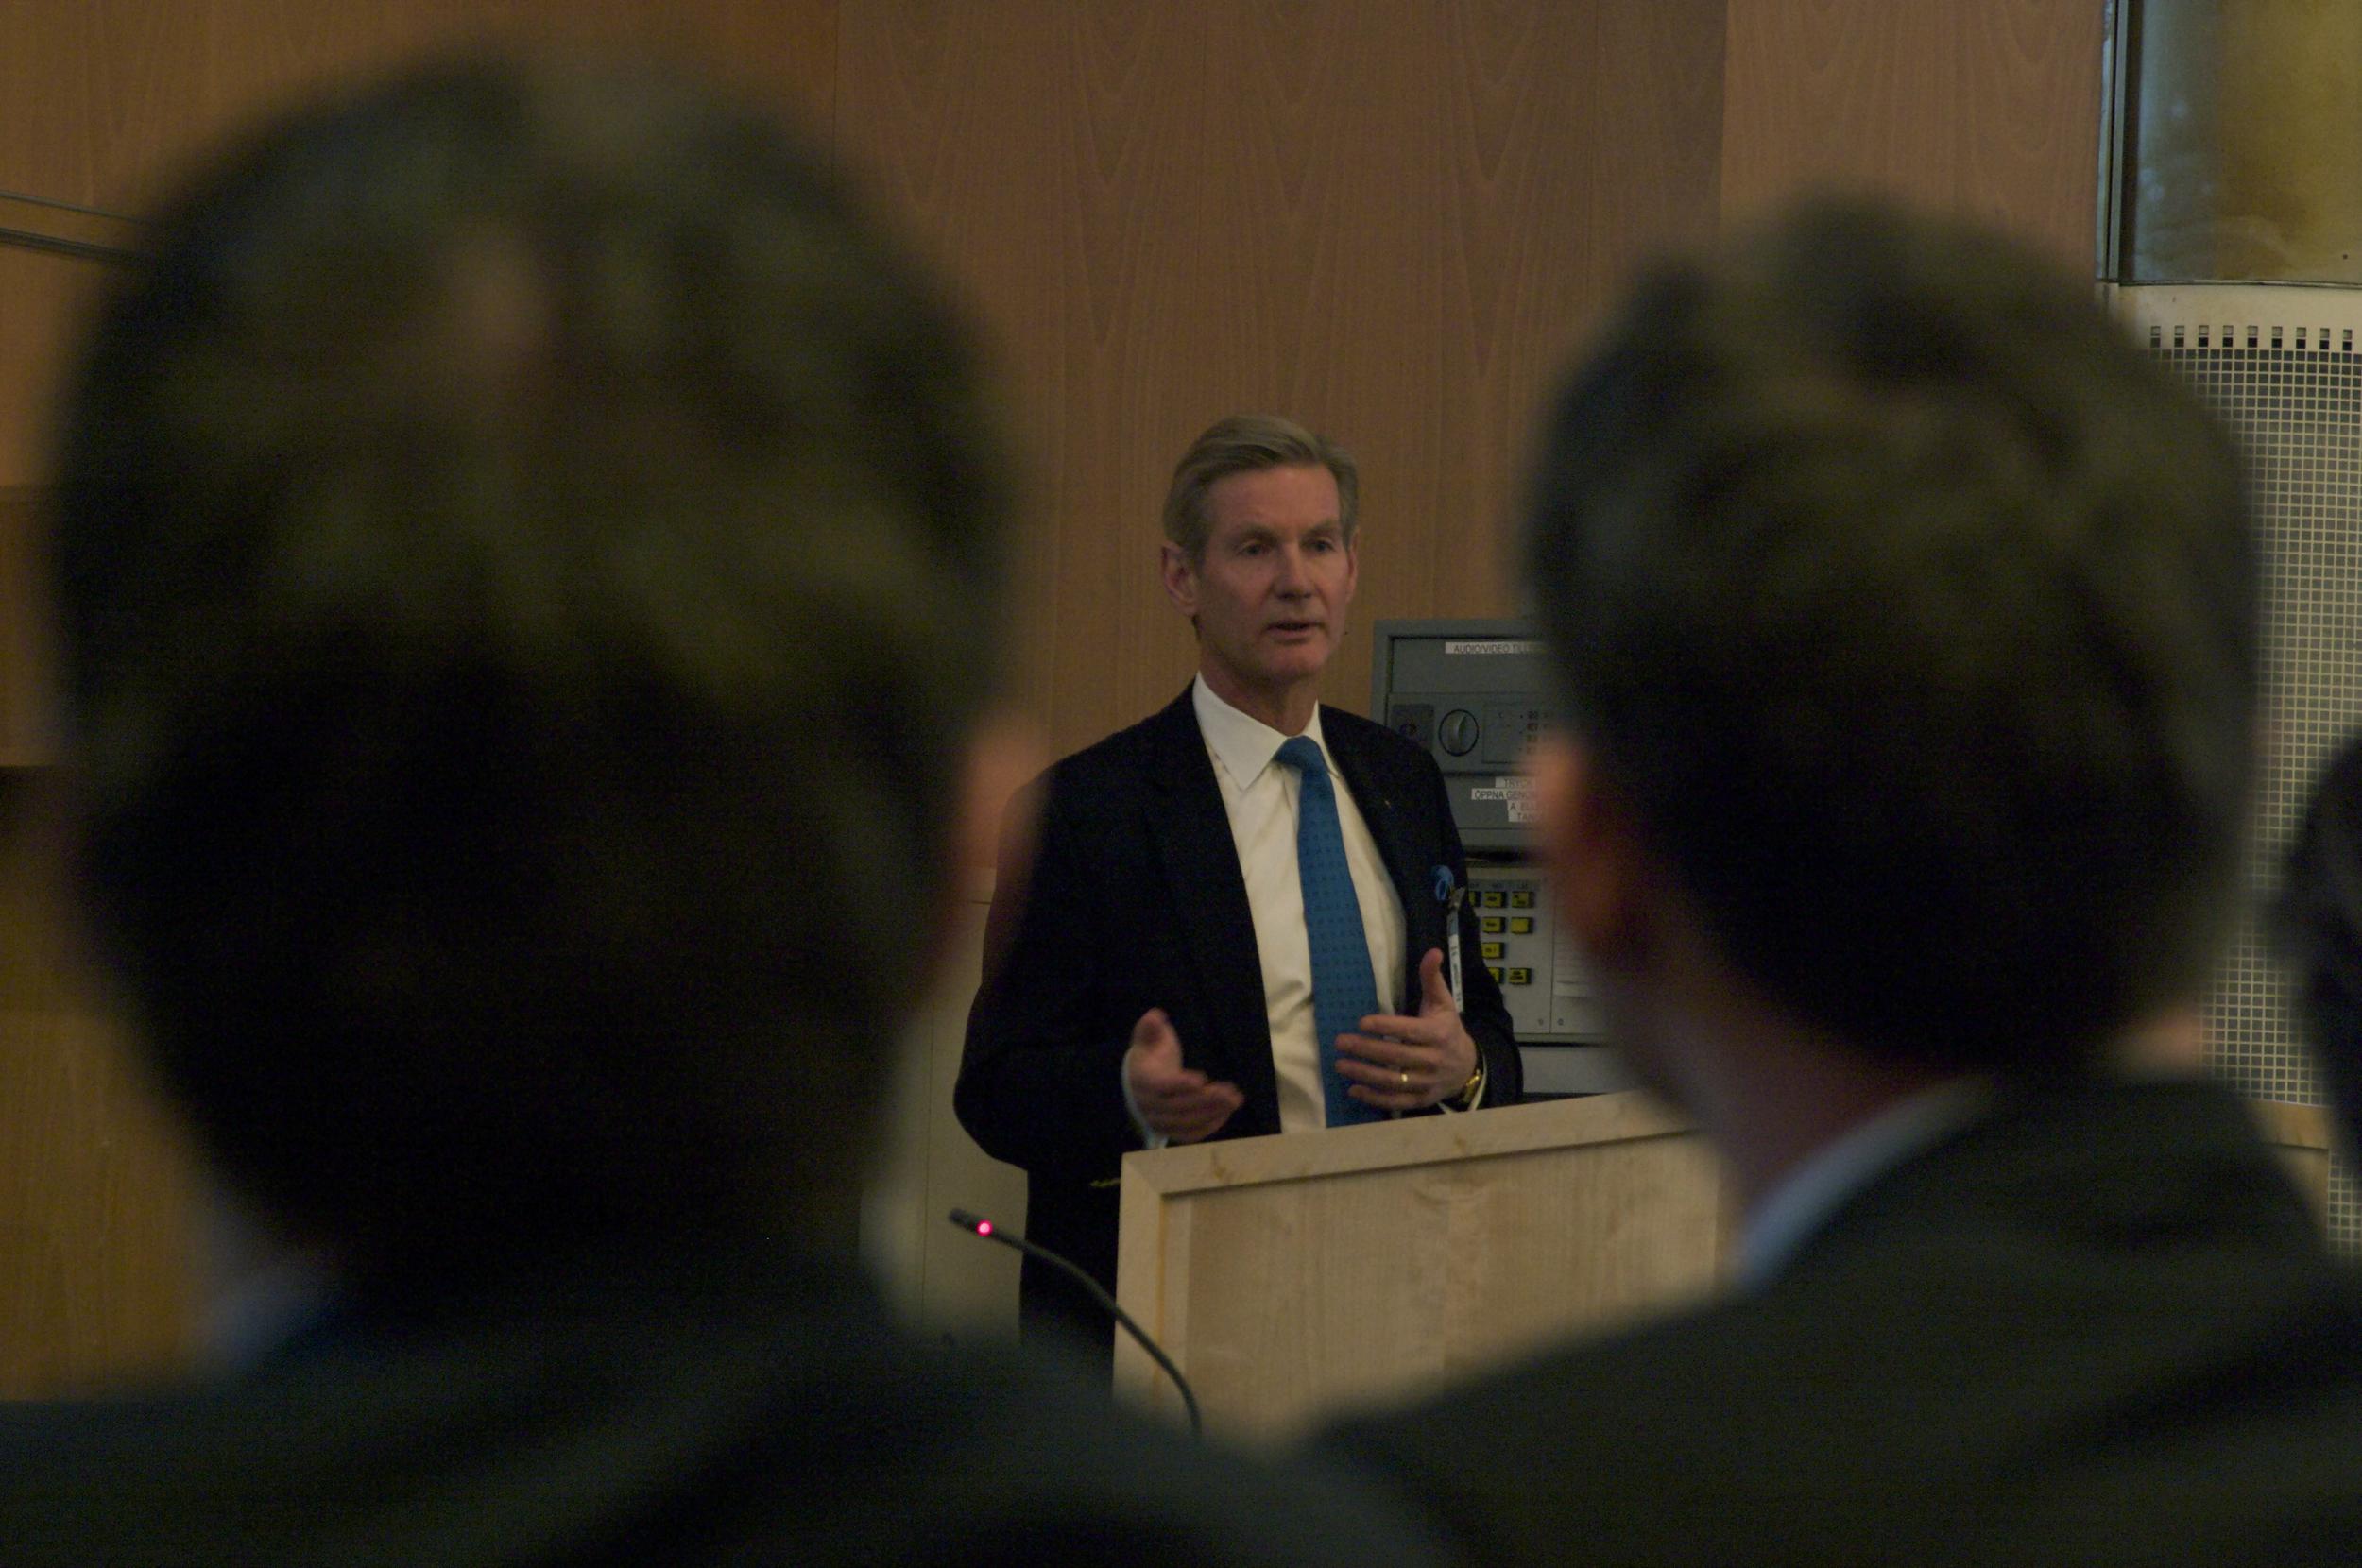 Gunnar Brock under KJV:s konferens om civilt meritvärde på Karlberg 2009